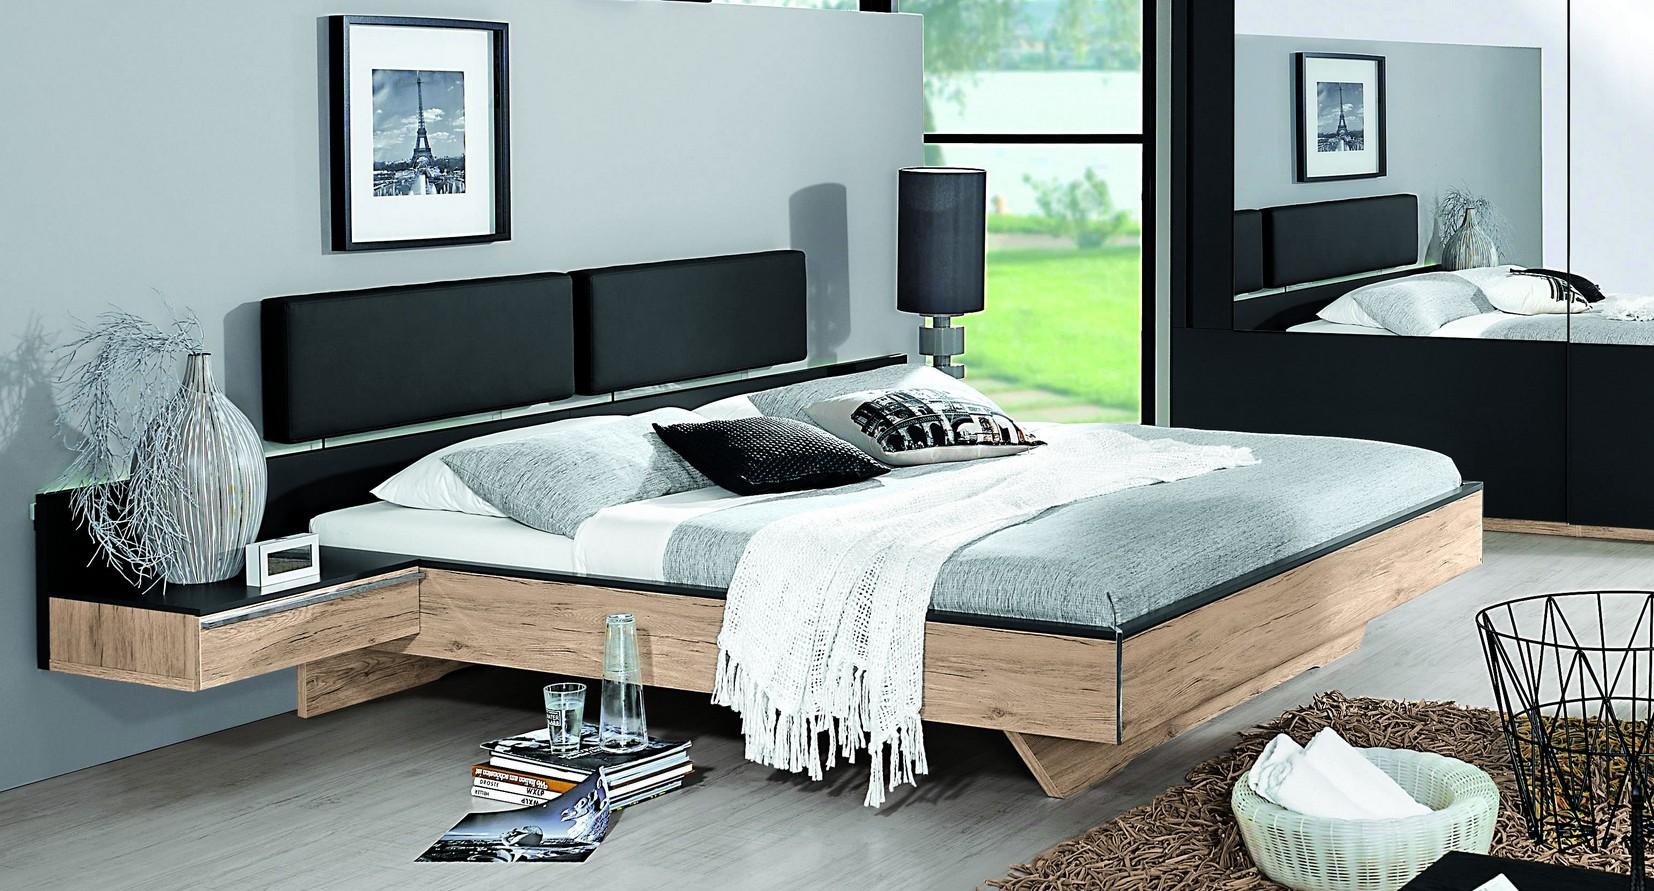 rauch dialog colette bett standard oder komforth he. Black Bedroom Furniture Sets. Home Design Ideas